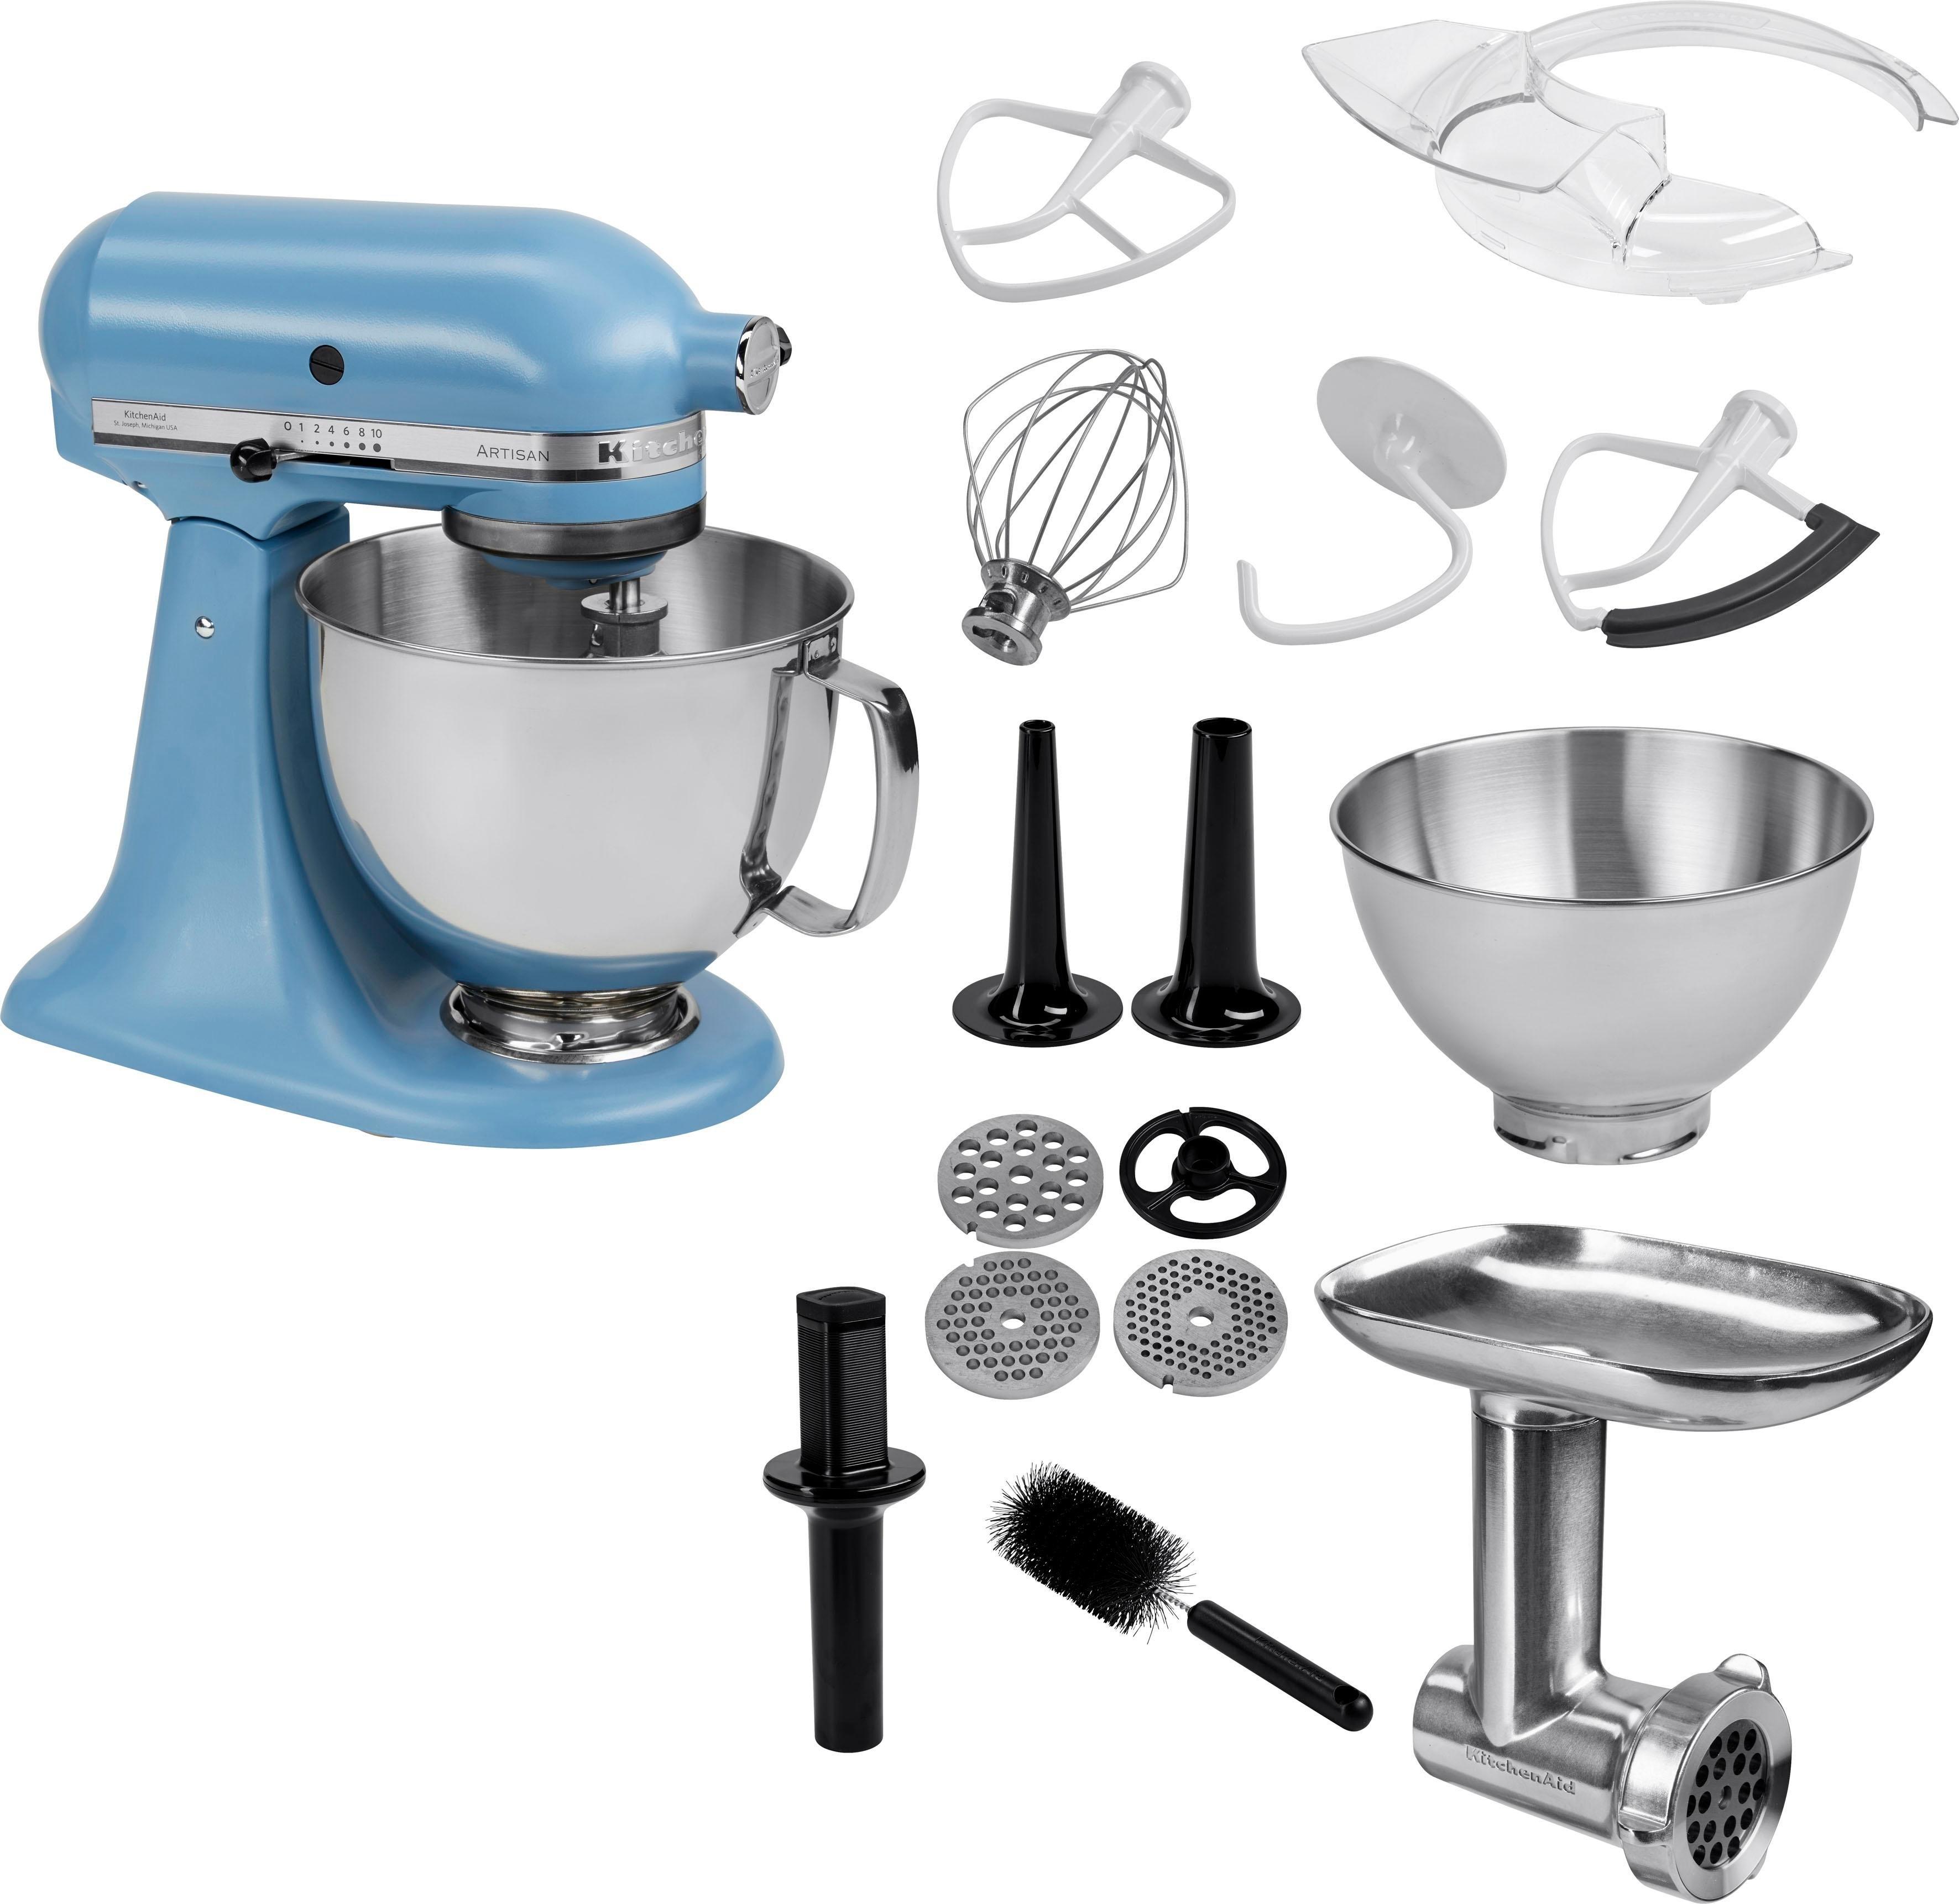 KitchenAid keukenmachine Artisan 5KSM175PSEVB met gratis volledig metalen vleesmolen, 300 W bij OTTO online kopen